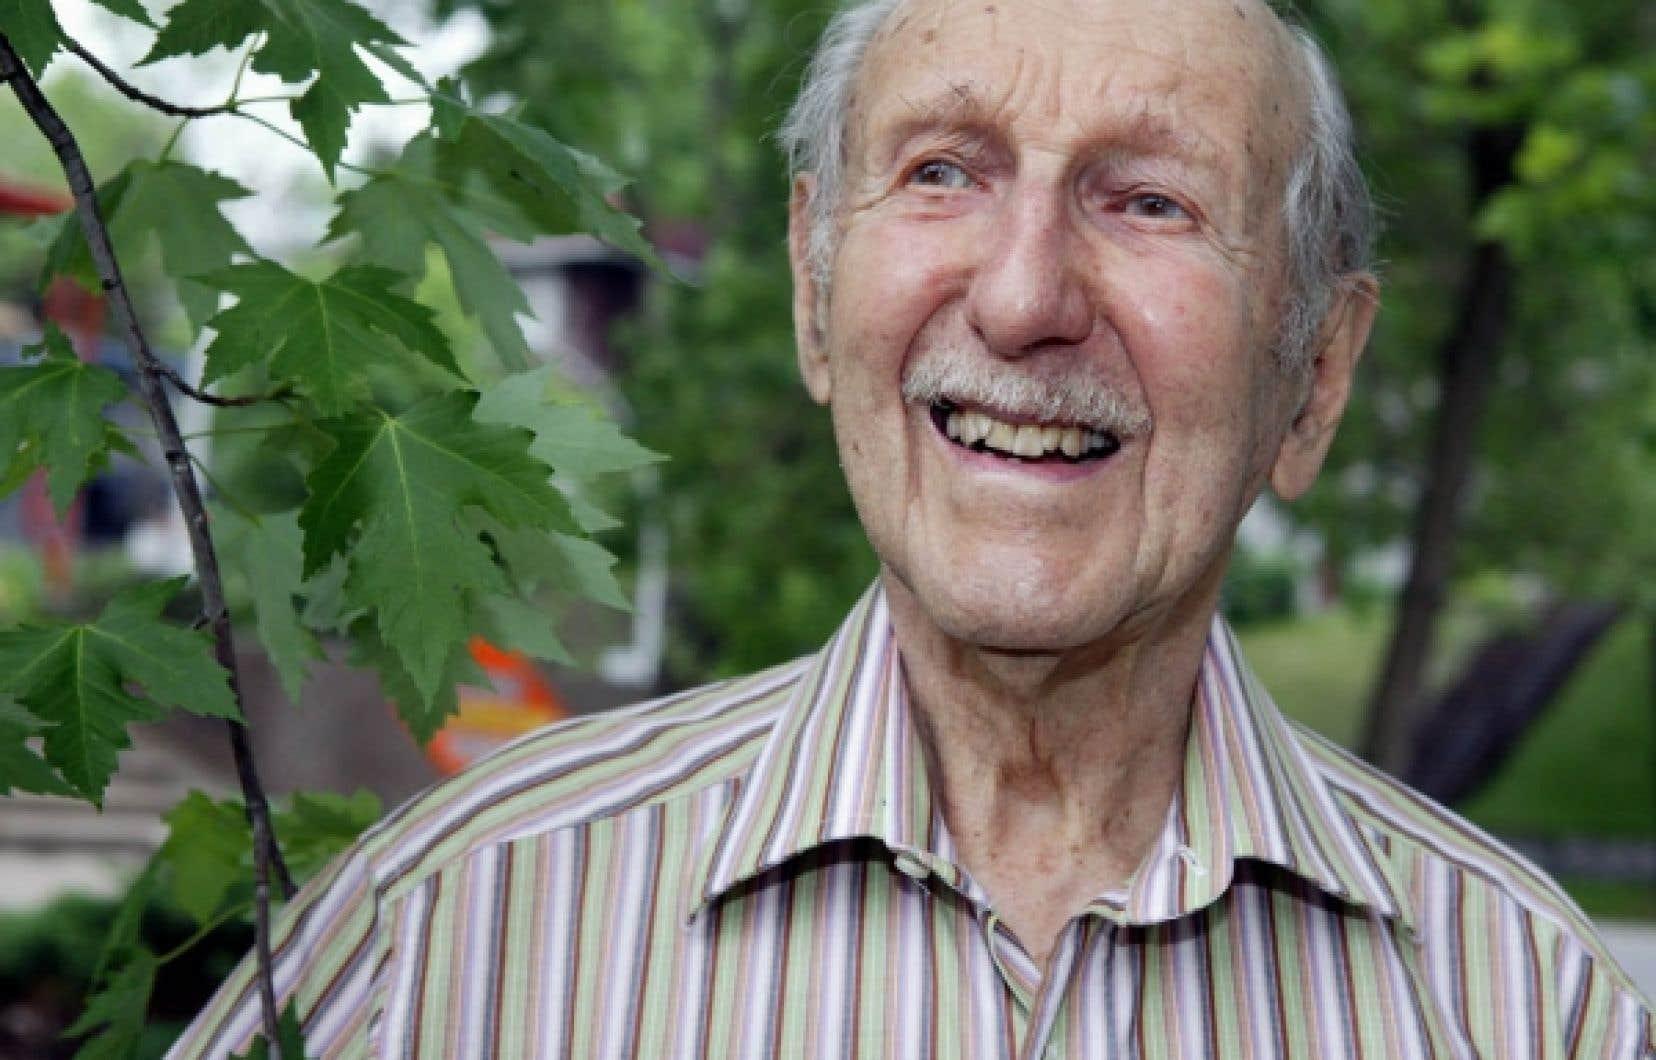 Pierre Dansereau en 2006. Le scientifique qu&eacute;b&eacute;cois, pionnier de l&rsquo;&eacute;cologie &agrave; l&rsquo;&eacute;chelle mondiale, s&rsquo;est &eacute;teint hier &agrave; Montr&eacute;al. Il aurait eu 100 ans mercredi prochain.<br />